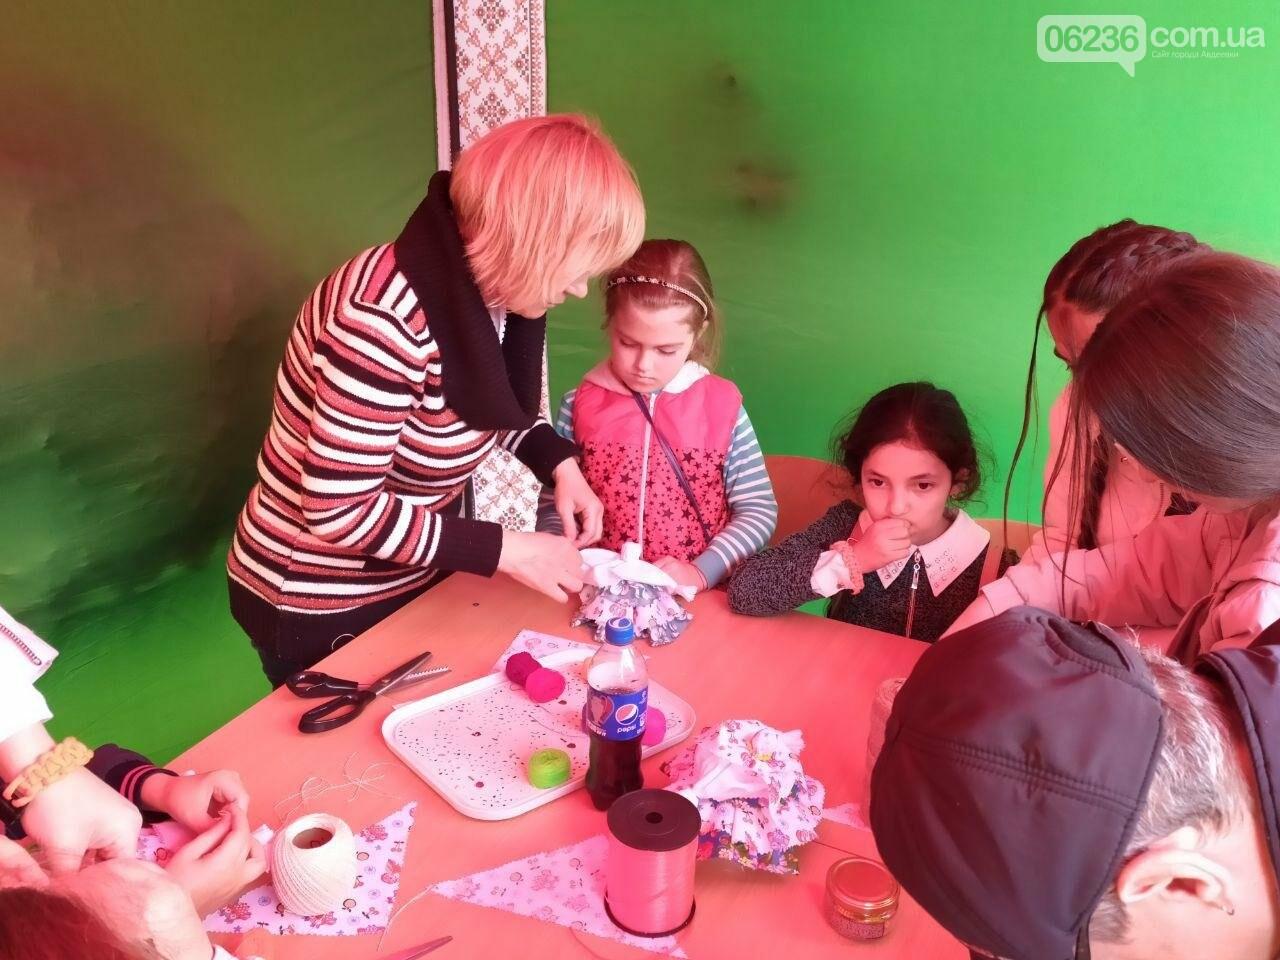 ФОТОРЕПОРТАЖ. Яркие моменты фестиваля искусств в Авдеевке, фото-23